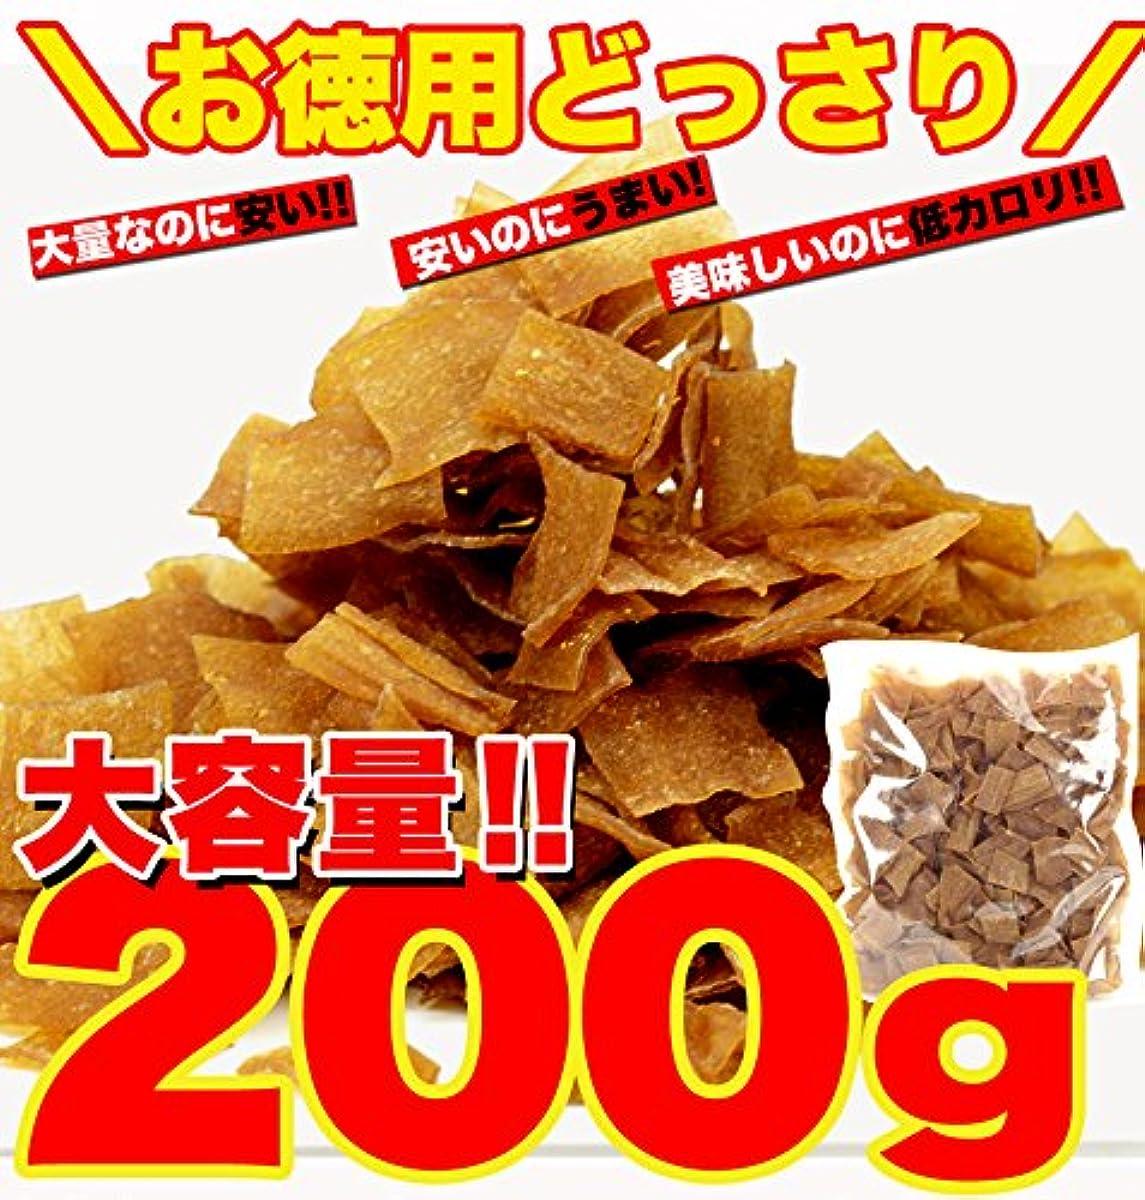 천연 생활 국산 곤약 사용 군마현 아래 닛타의 곤약의 유명한 상점이 만드는 엄선한「곤약 칩 입니다덕용☆다이어트 곤약 팁(칩)200g